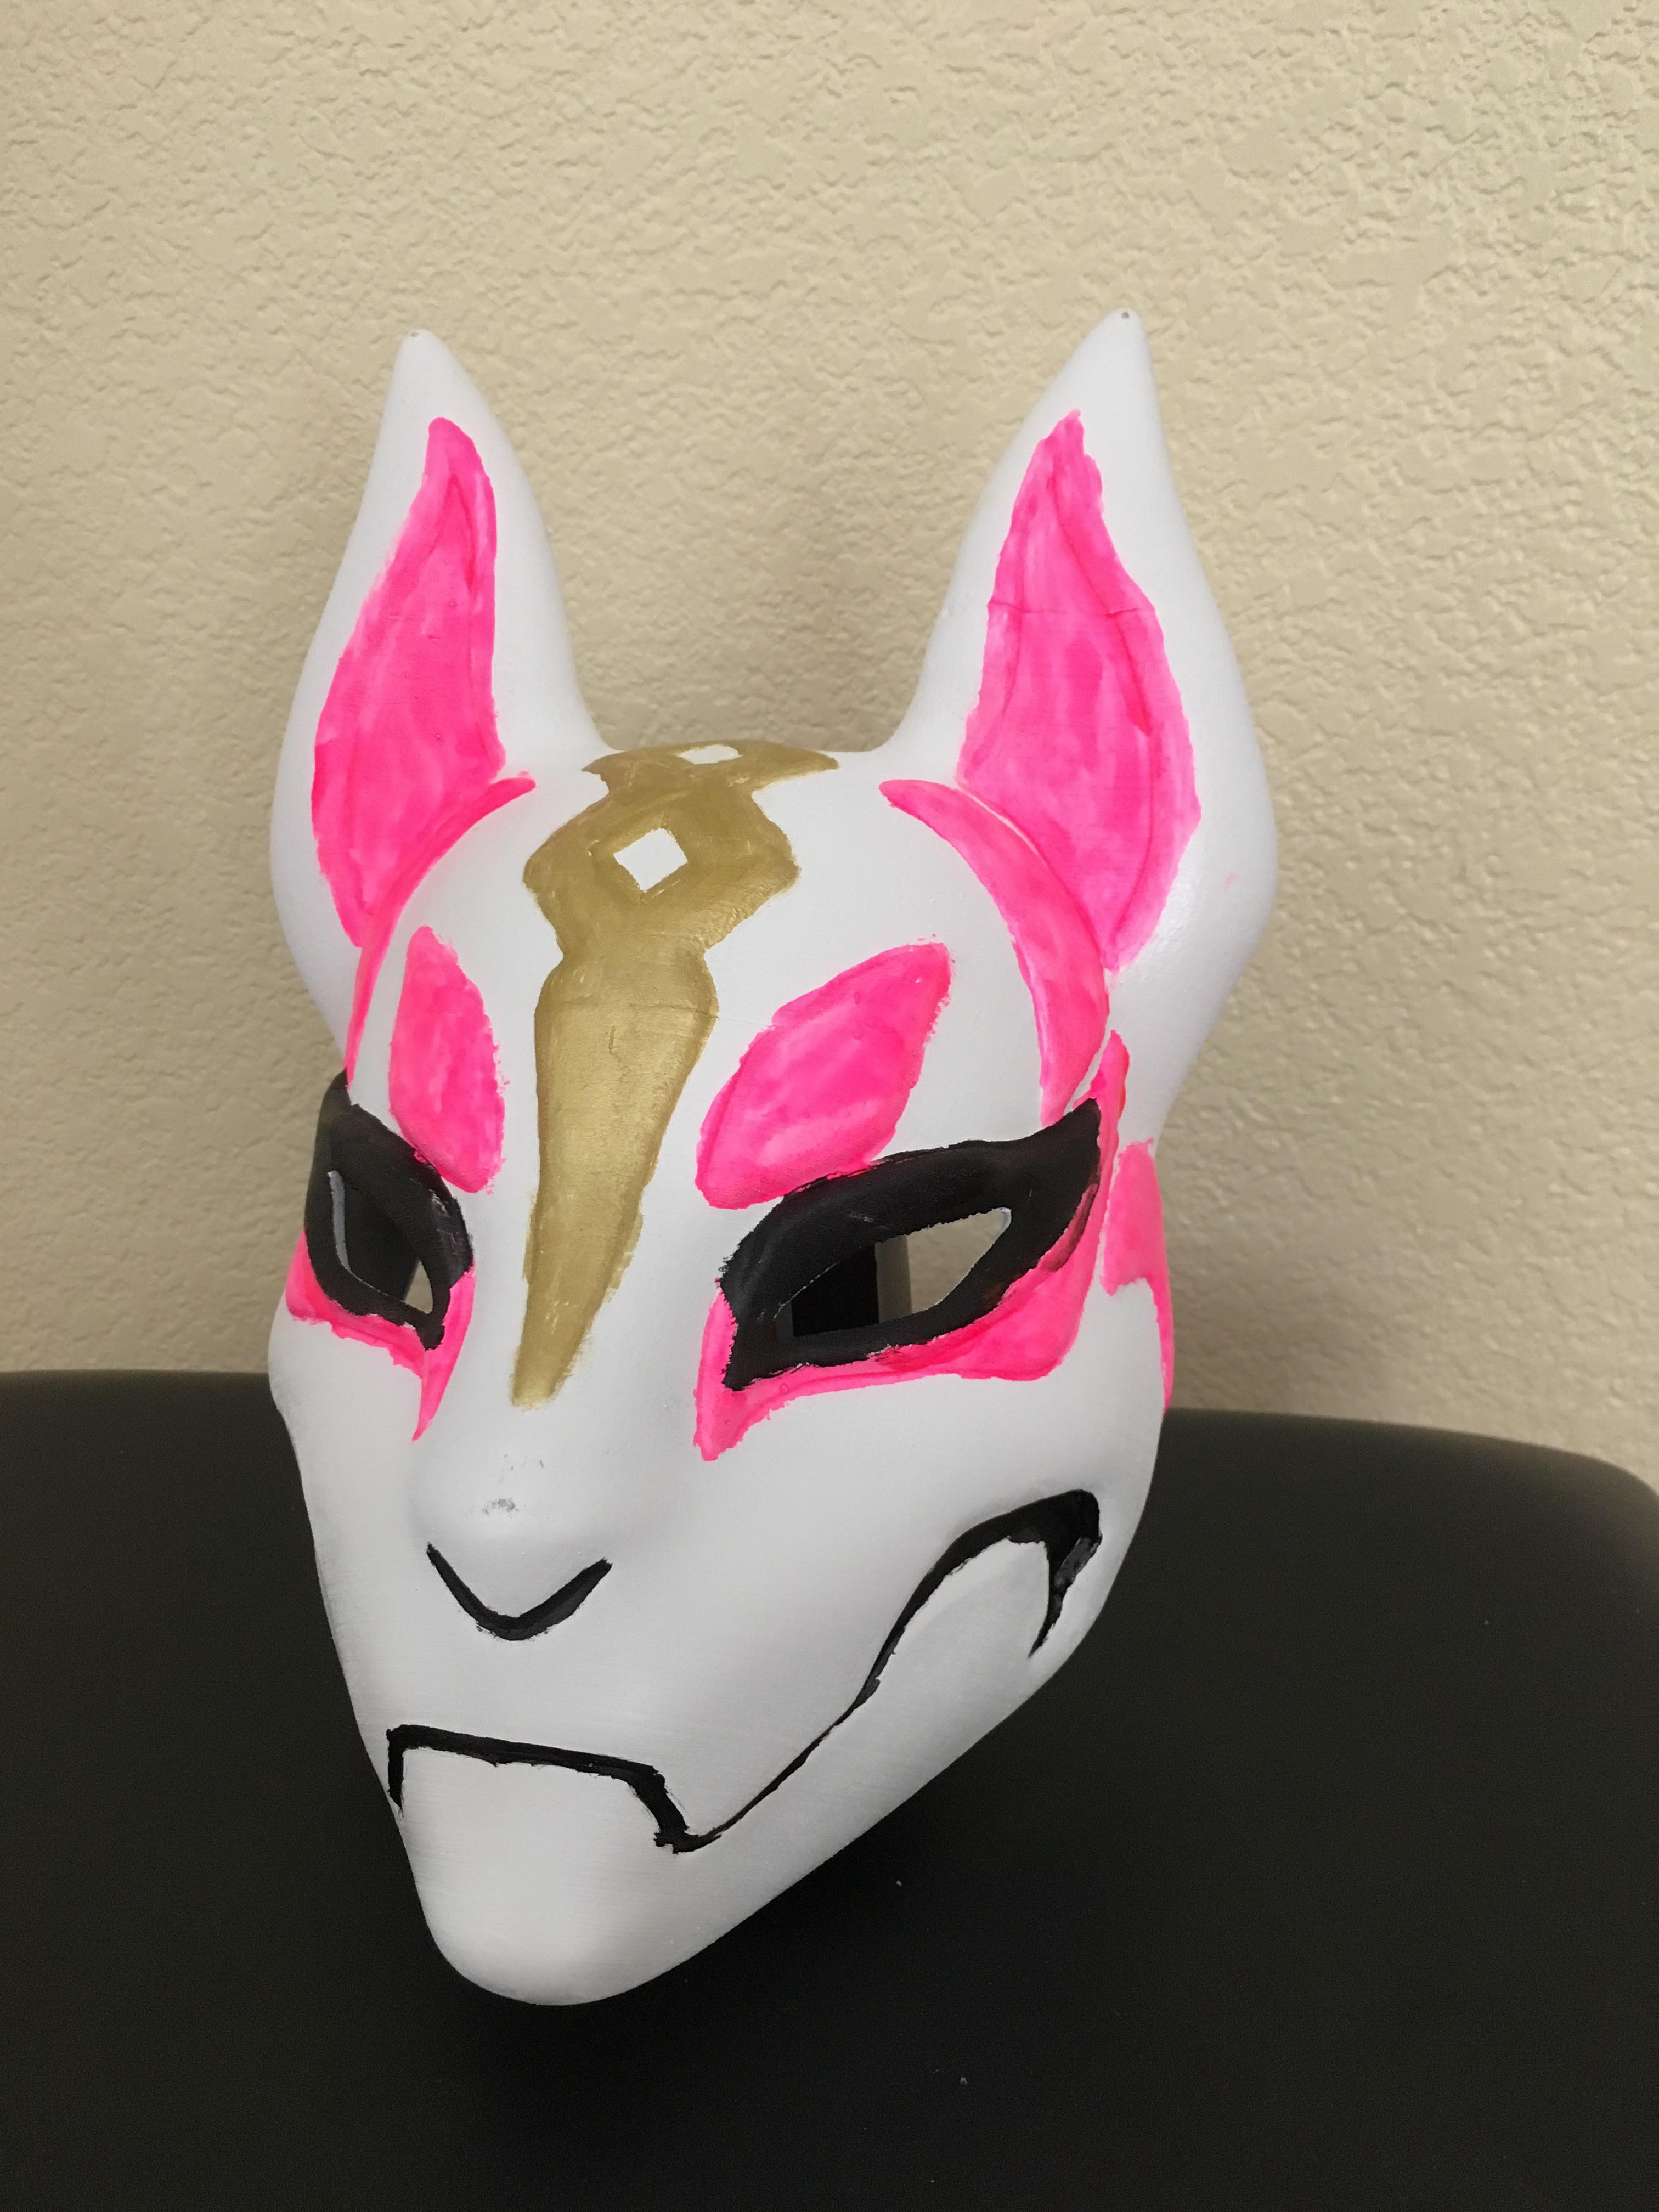 3d Printable Fortnite Kitsune Drift Mask By Tanya Wiesner